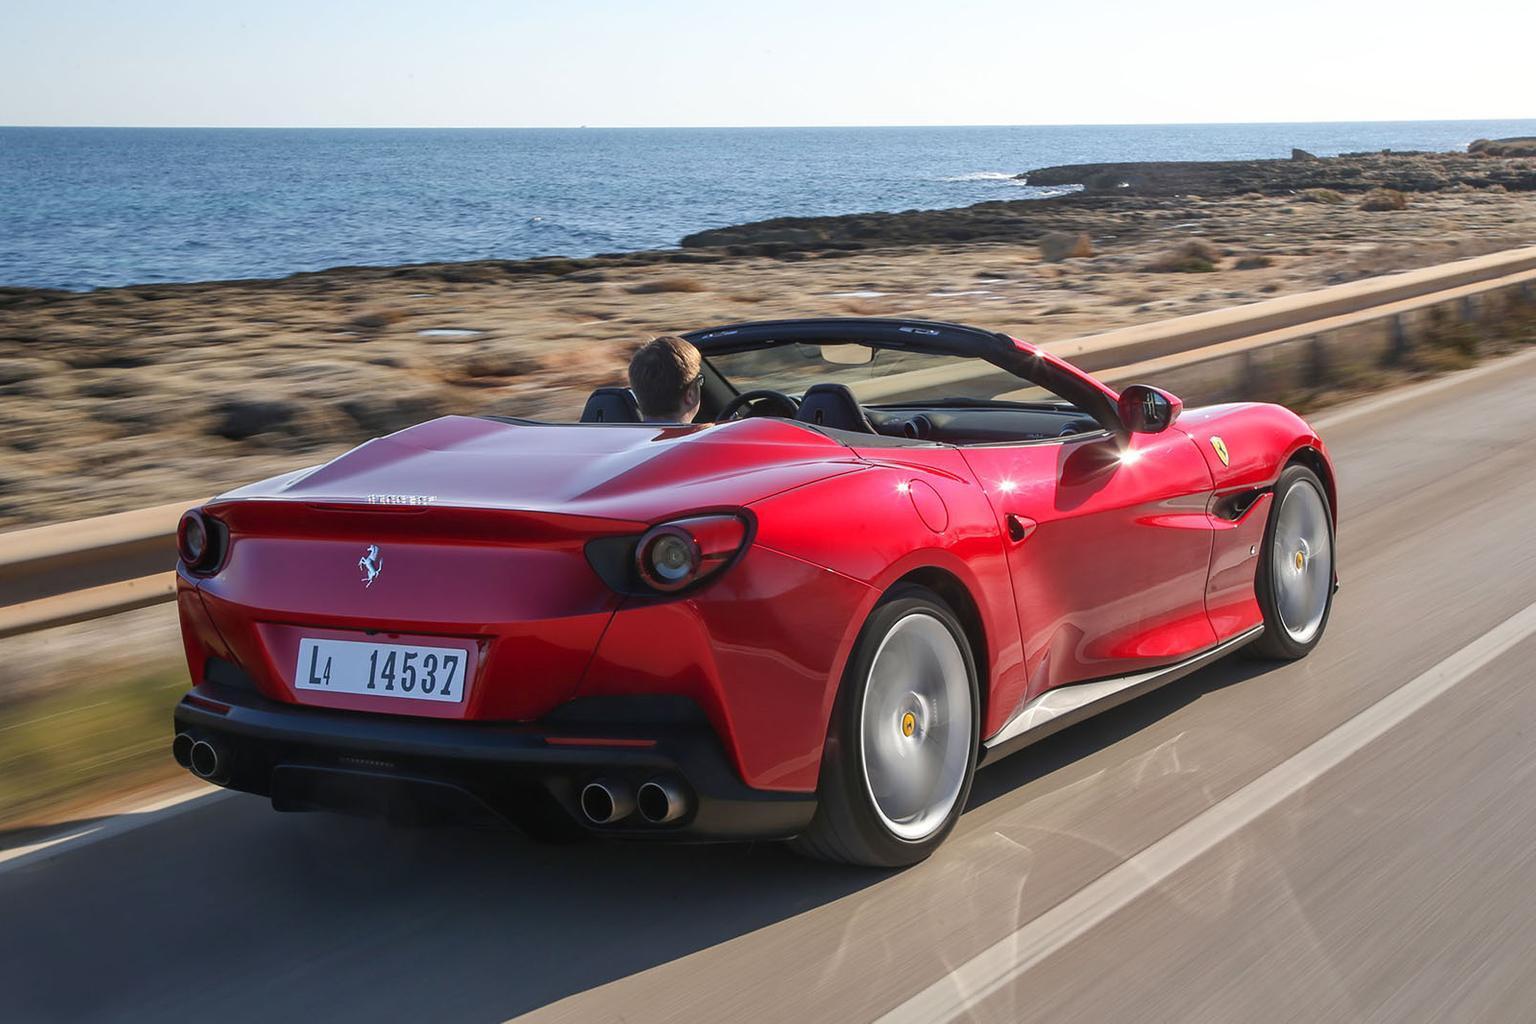 2018 ferrari portofino review - price, specs and release date | what